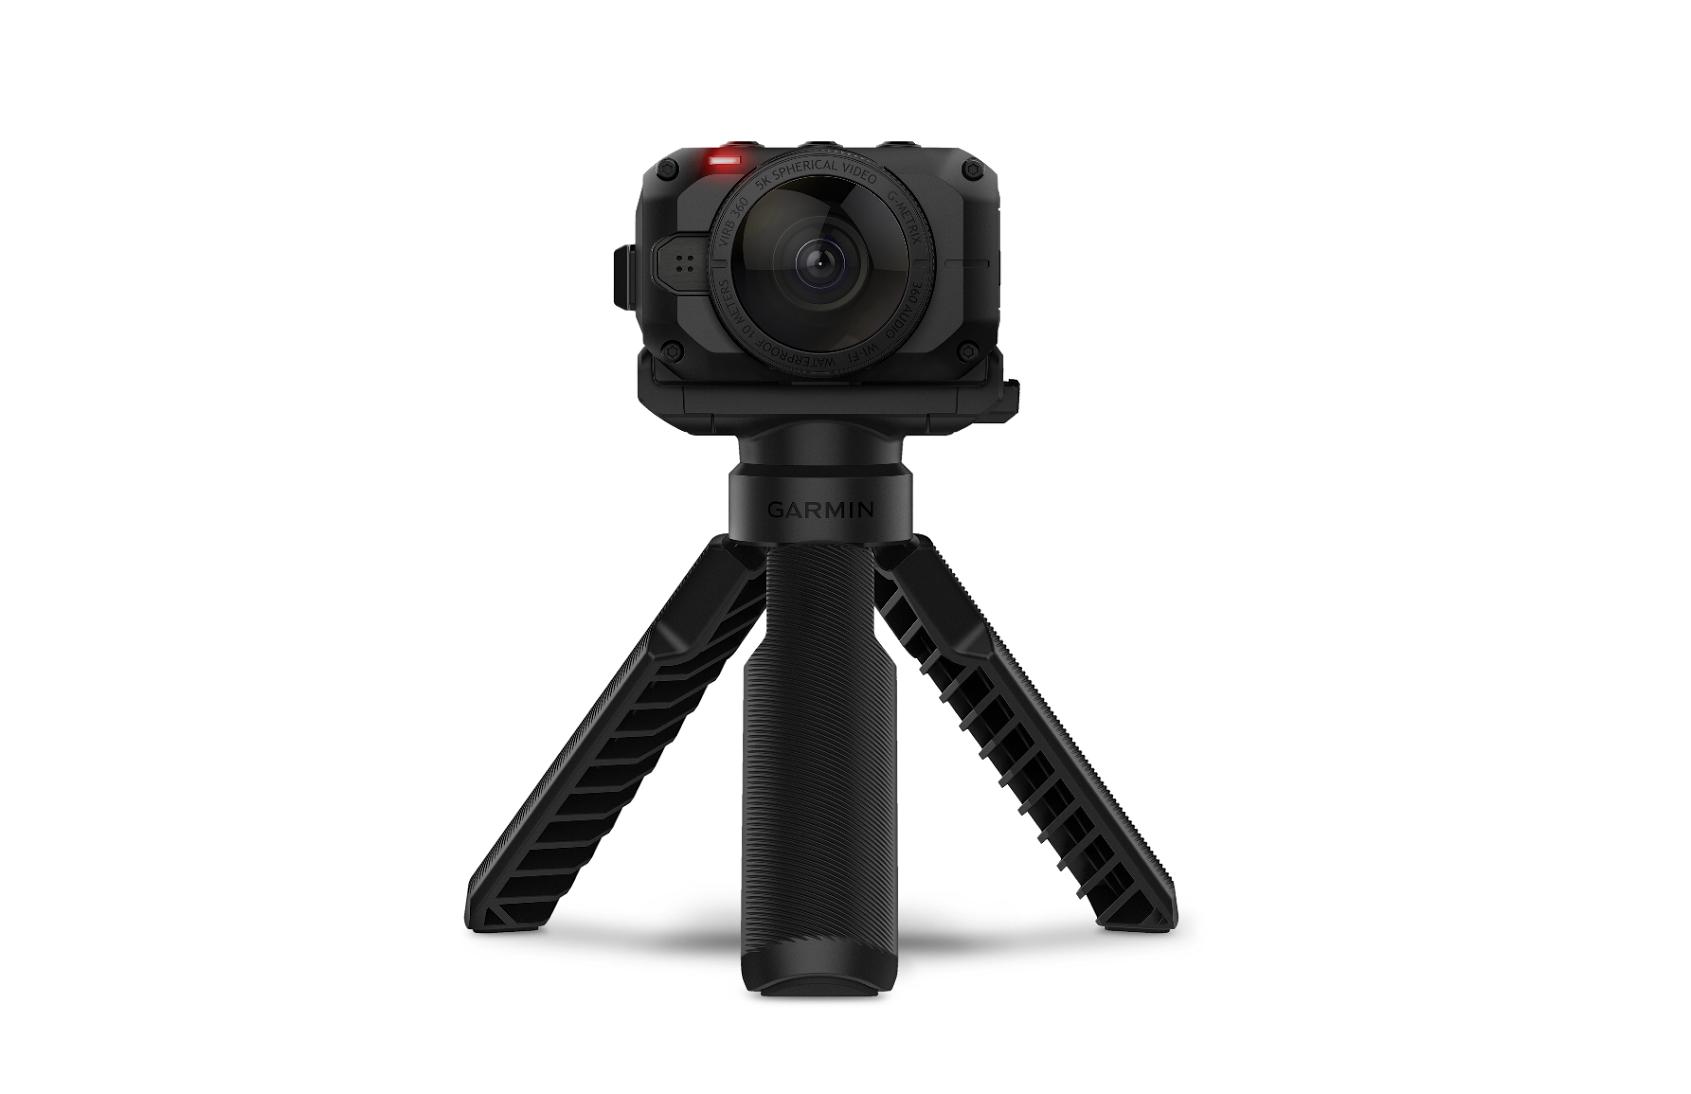 是看好全景與 VR 內容創作, Garmin 推出 VIRB 360 全景相機這篇文章的首圖